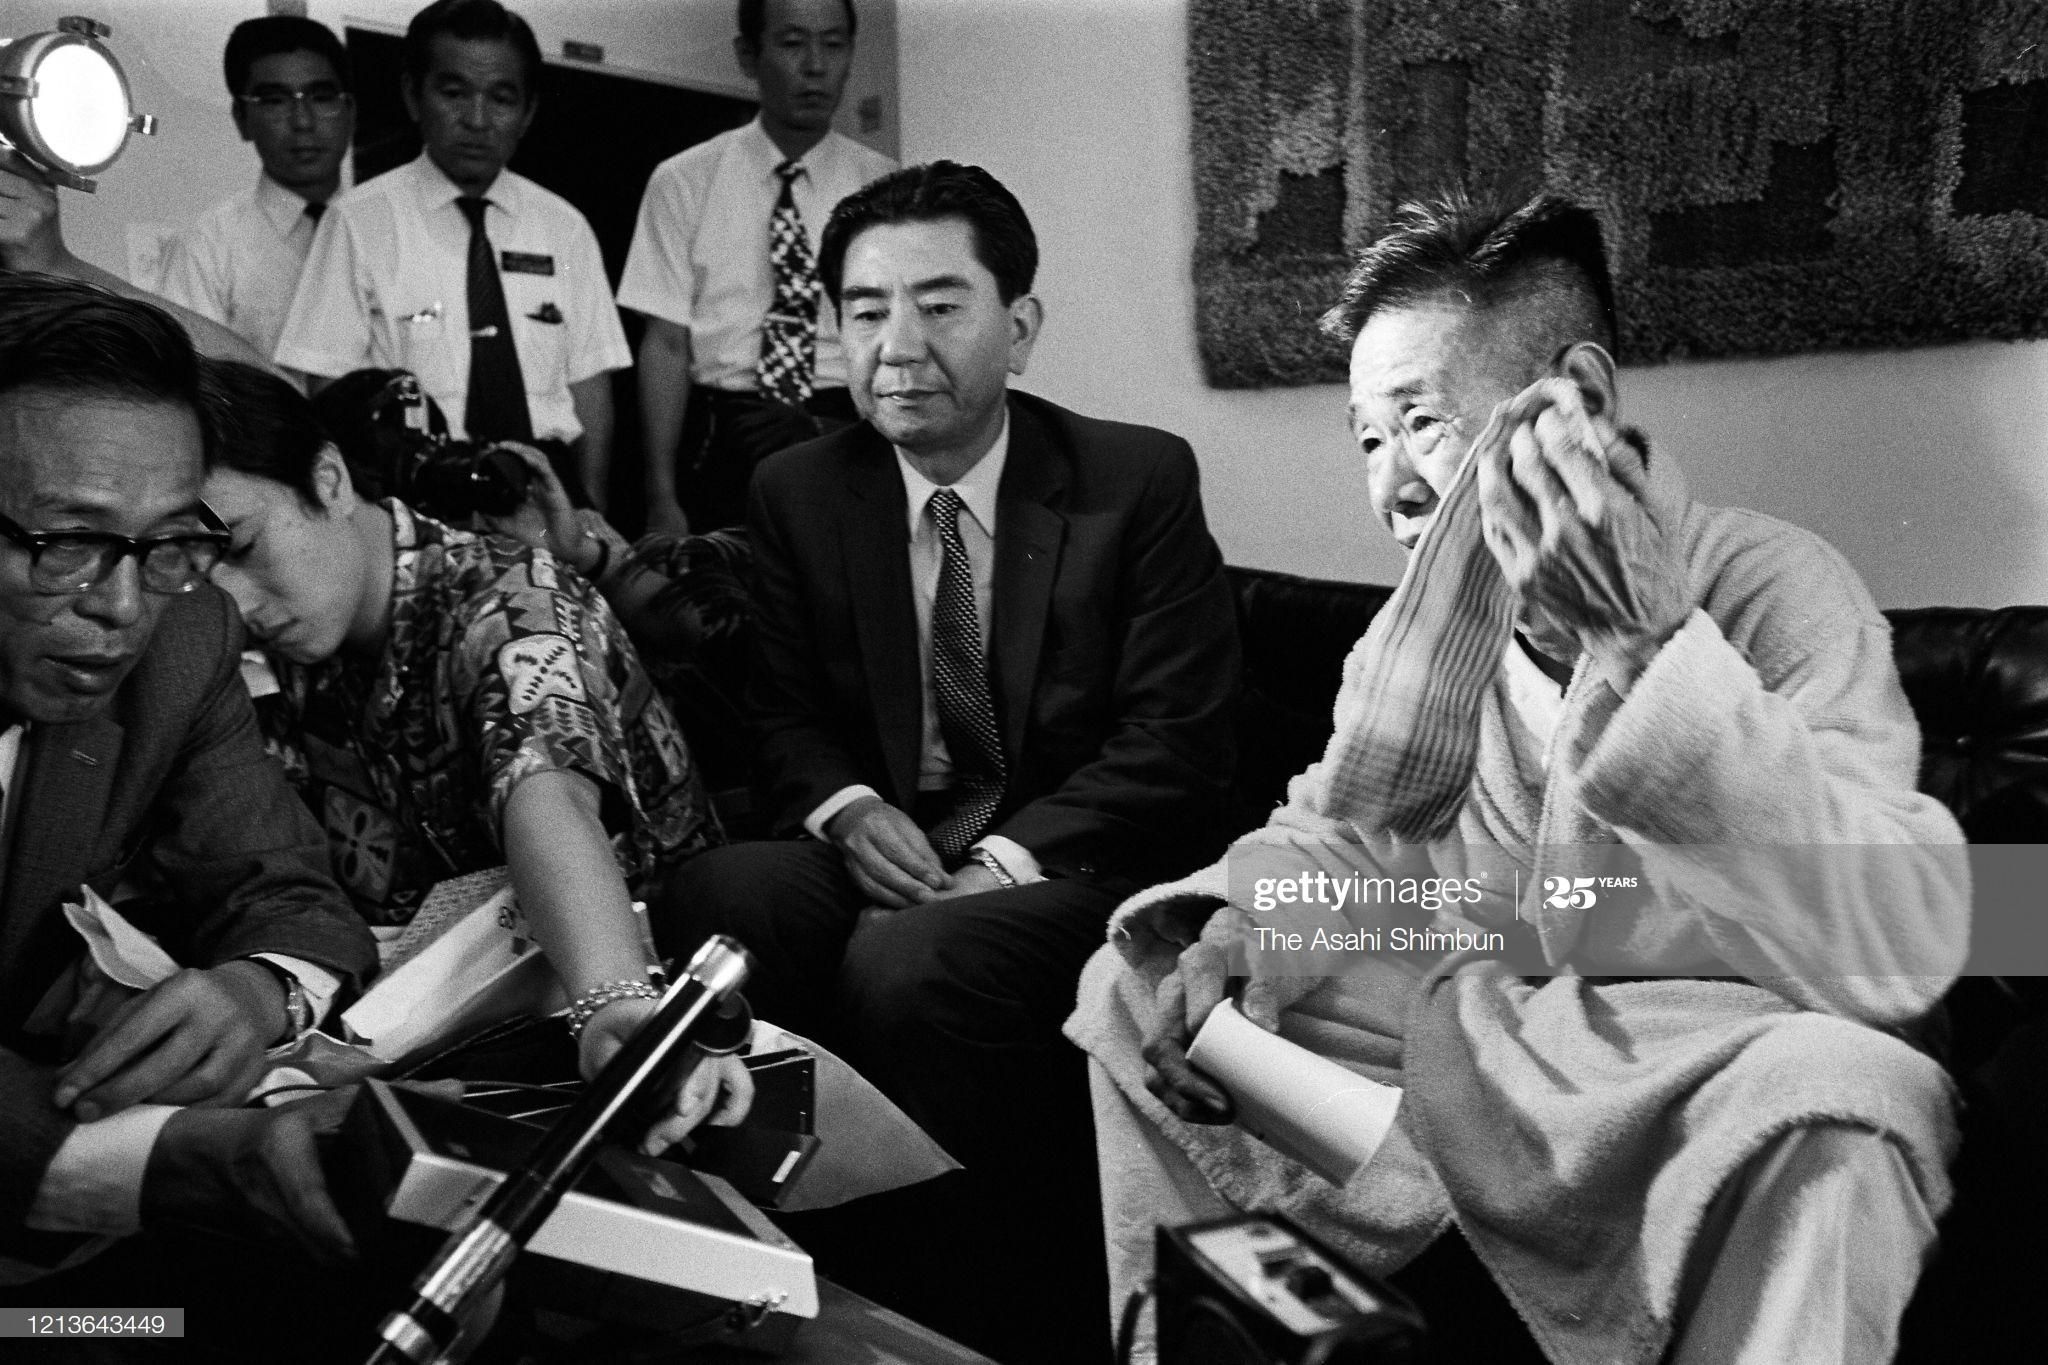 Chuyện về Shoichi Yokoi – người lính Nhật cố thủ 28 năm trên đảo Guam